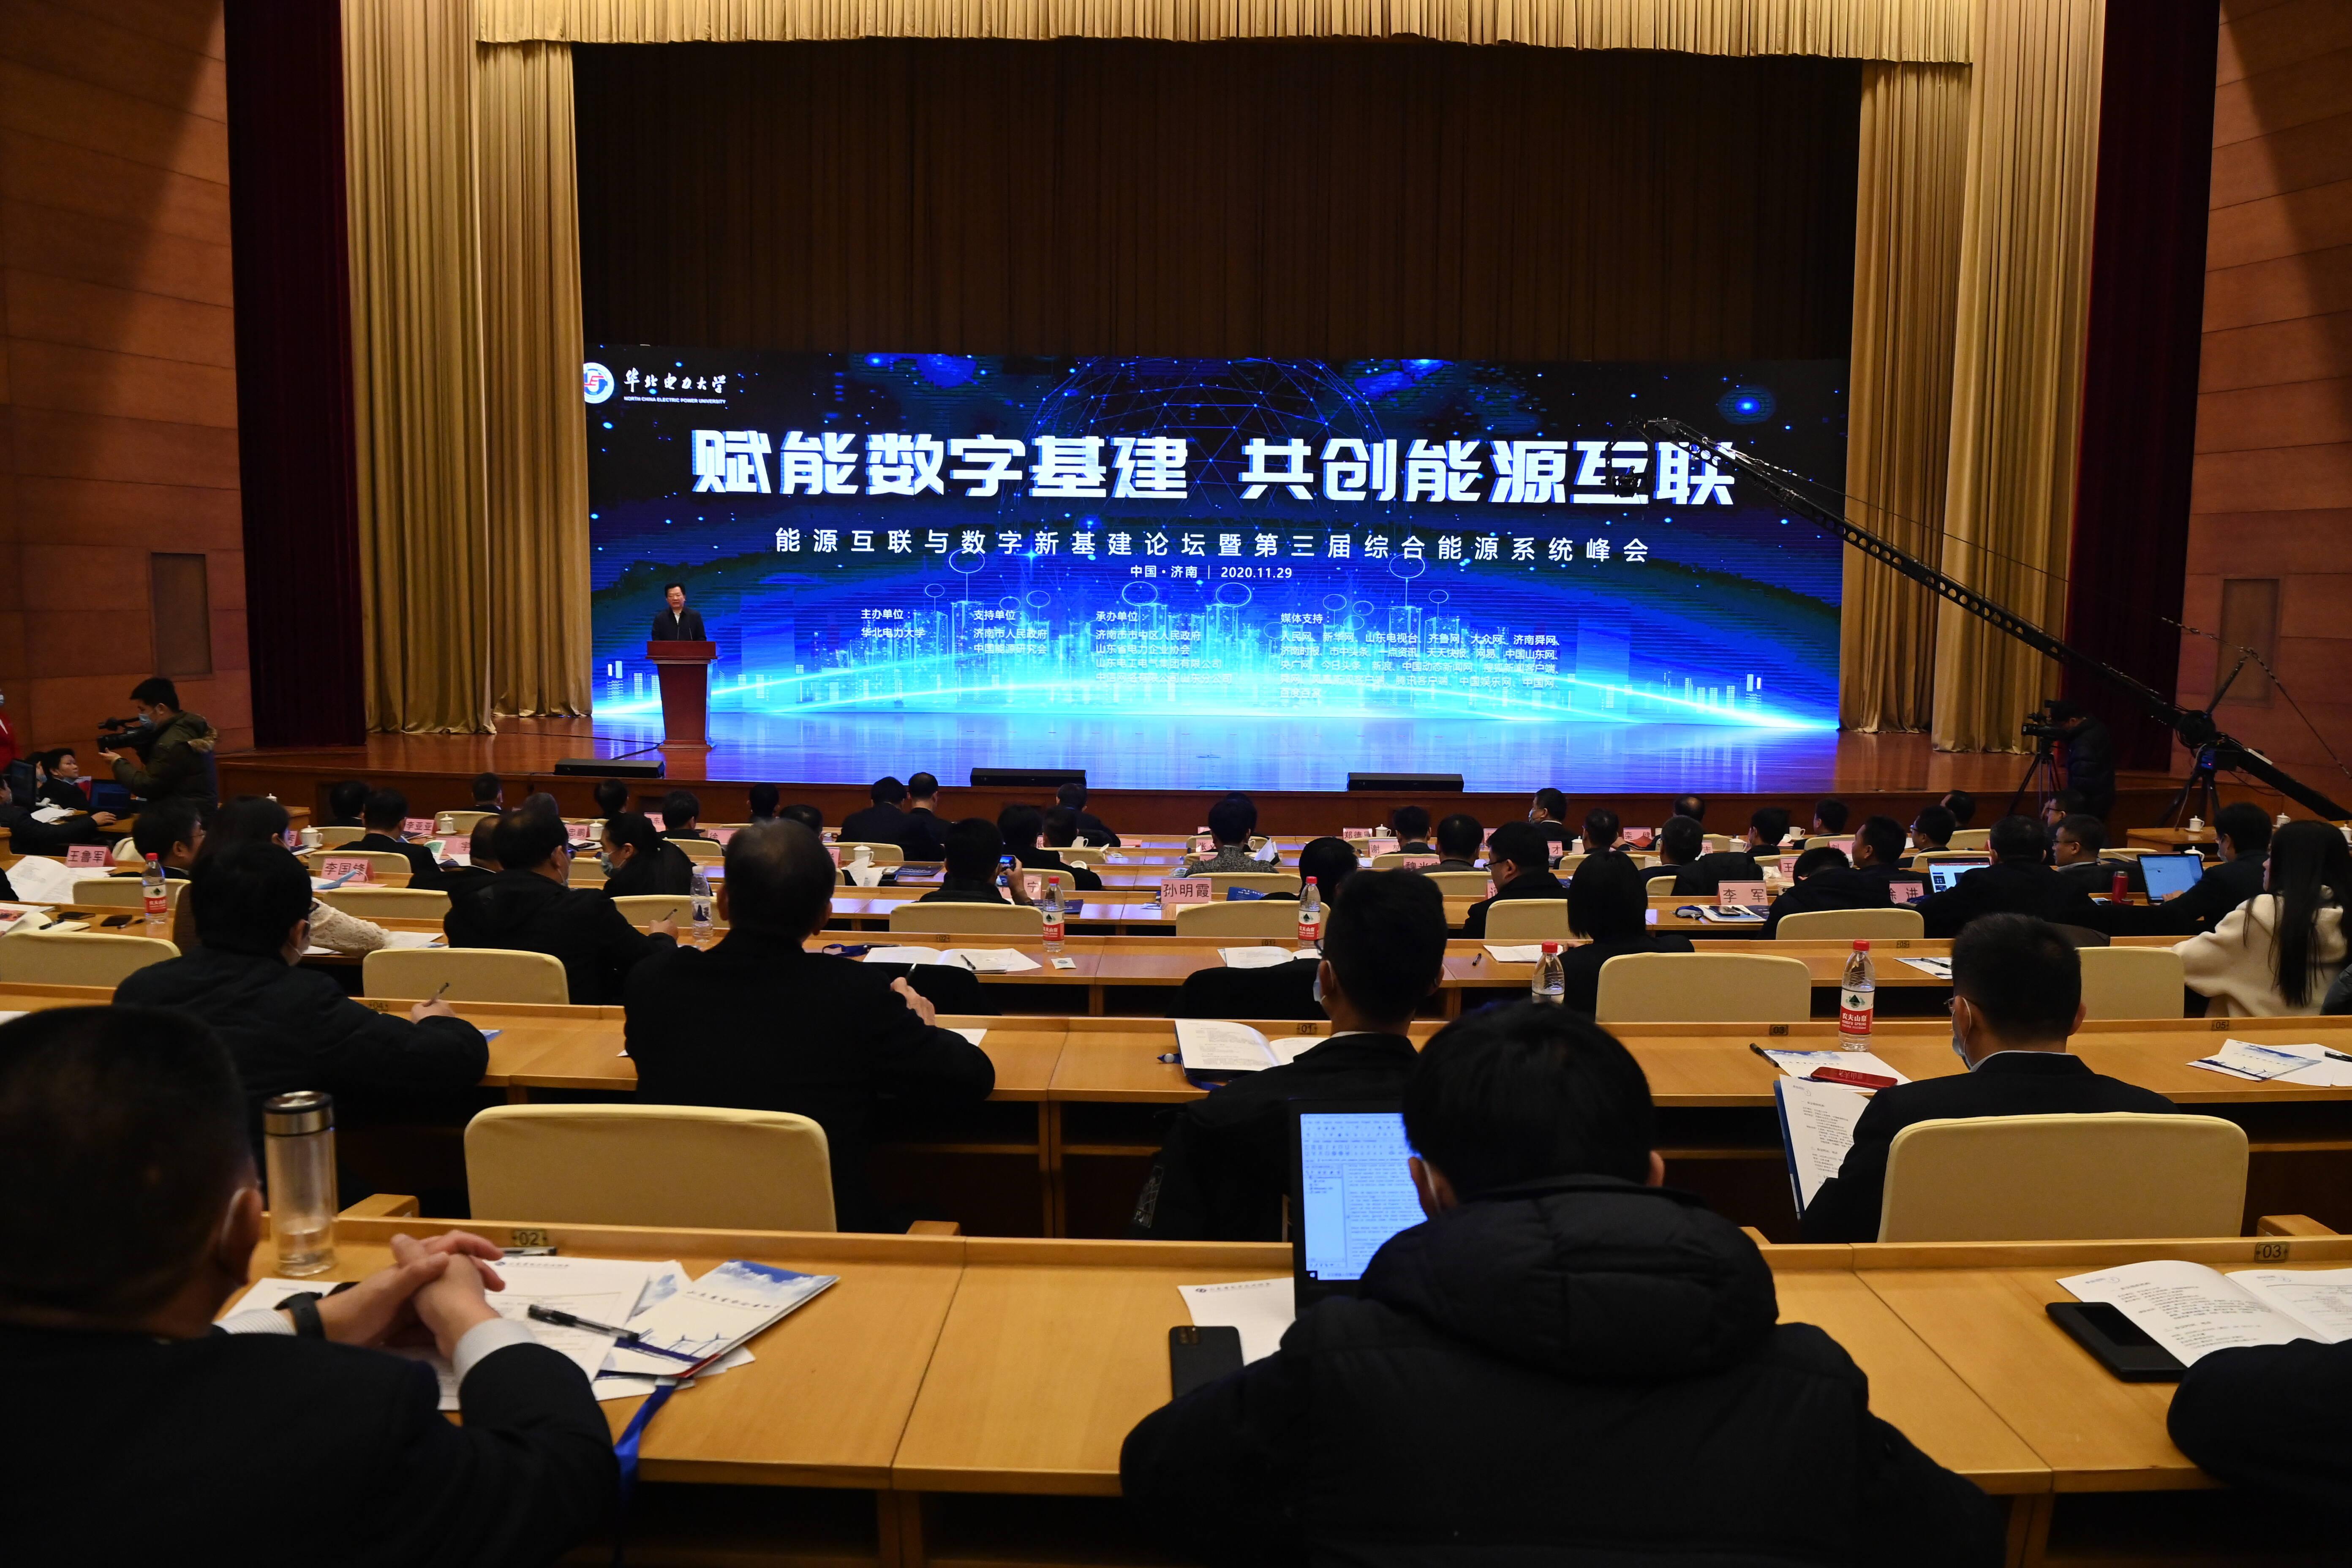 能源互联与数字新基建论坛在济南举办 全球绿色能源领域500余位专家大咖齐聚